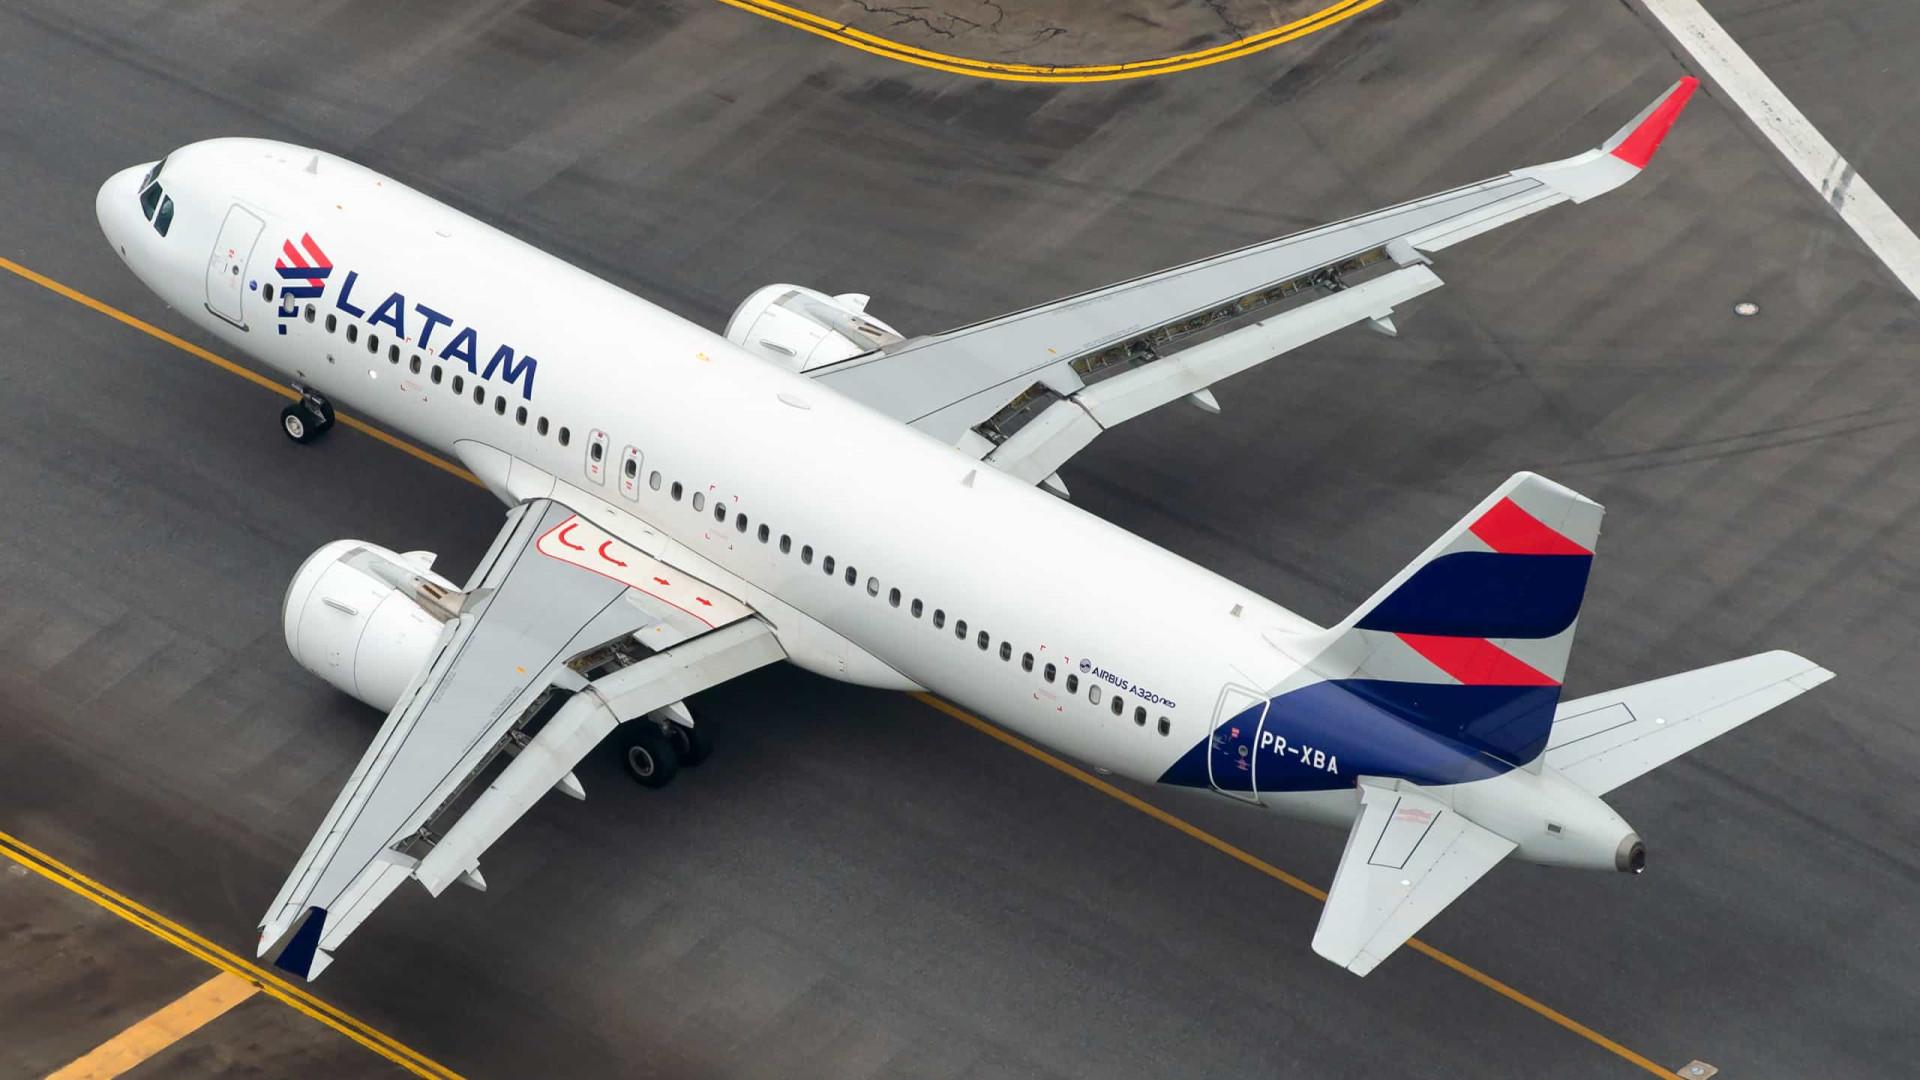 Proposta de compra da Latam Brasil pela Azul pode sair em 90 dias, afirma banco